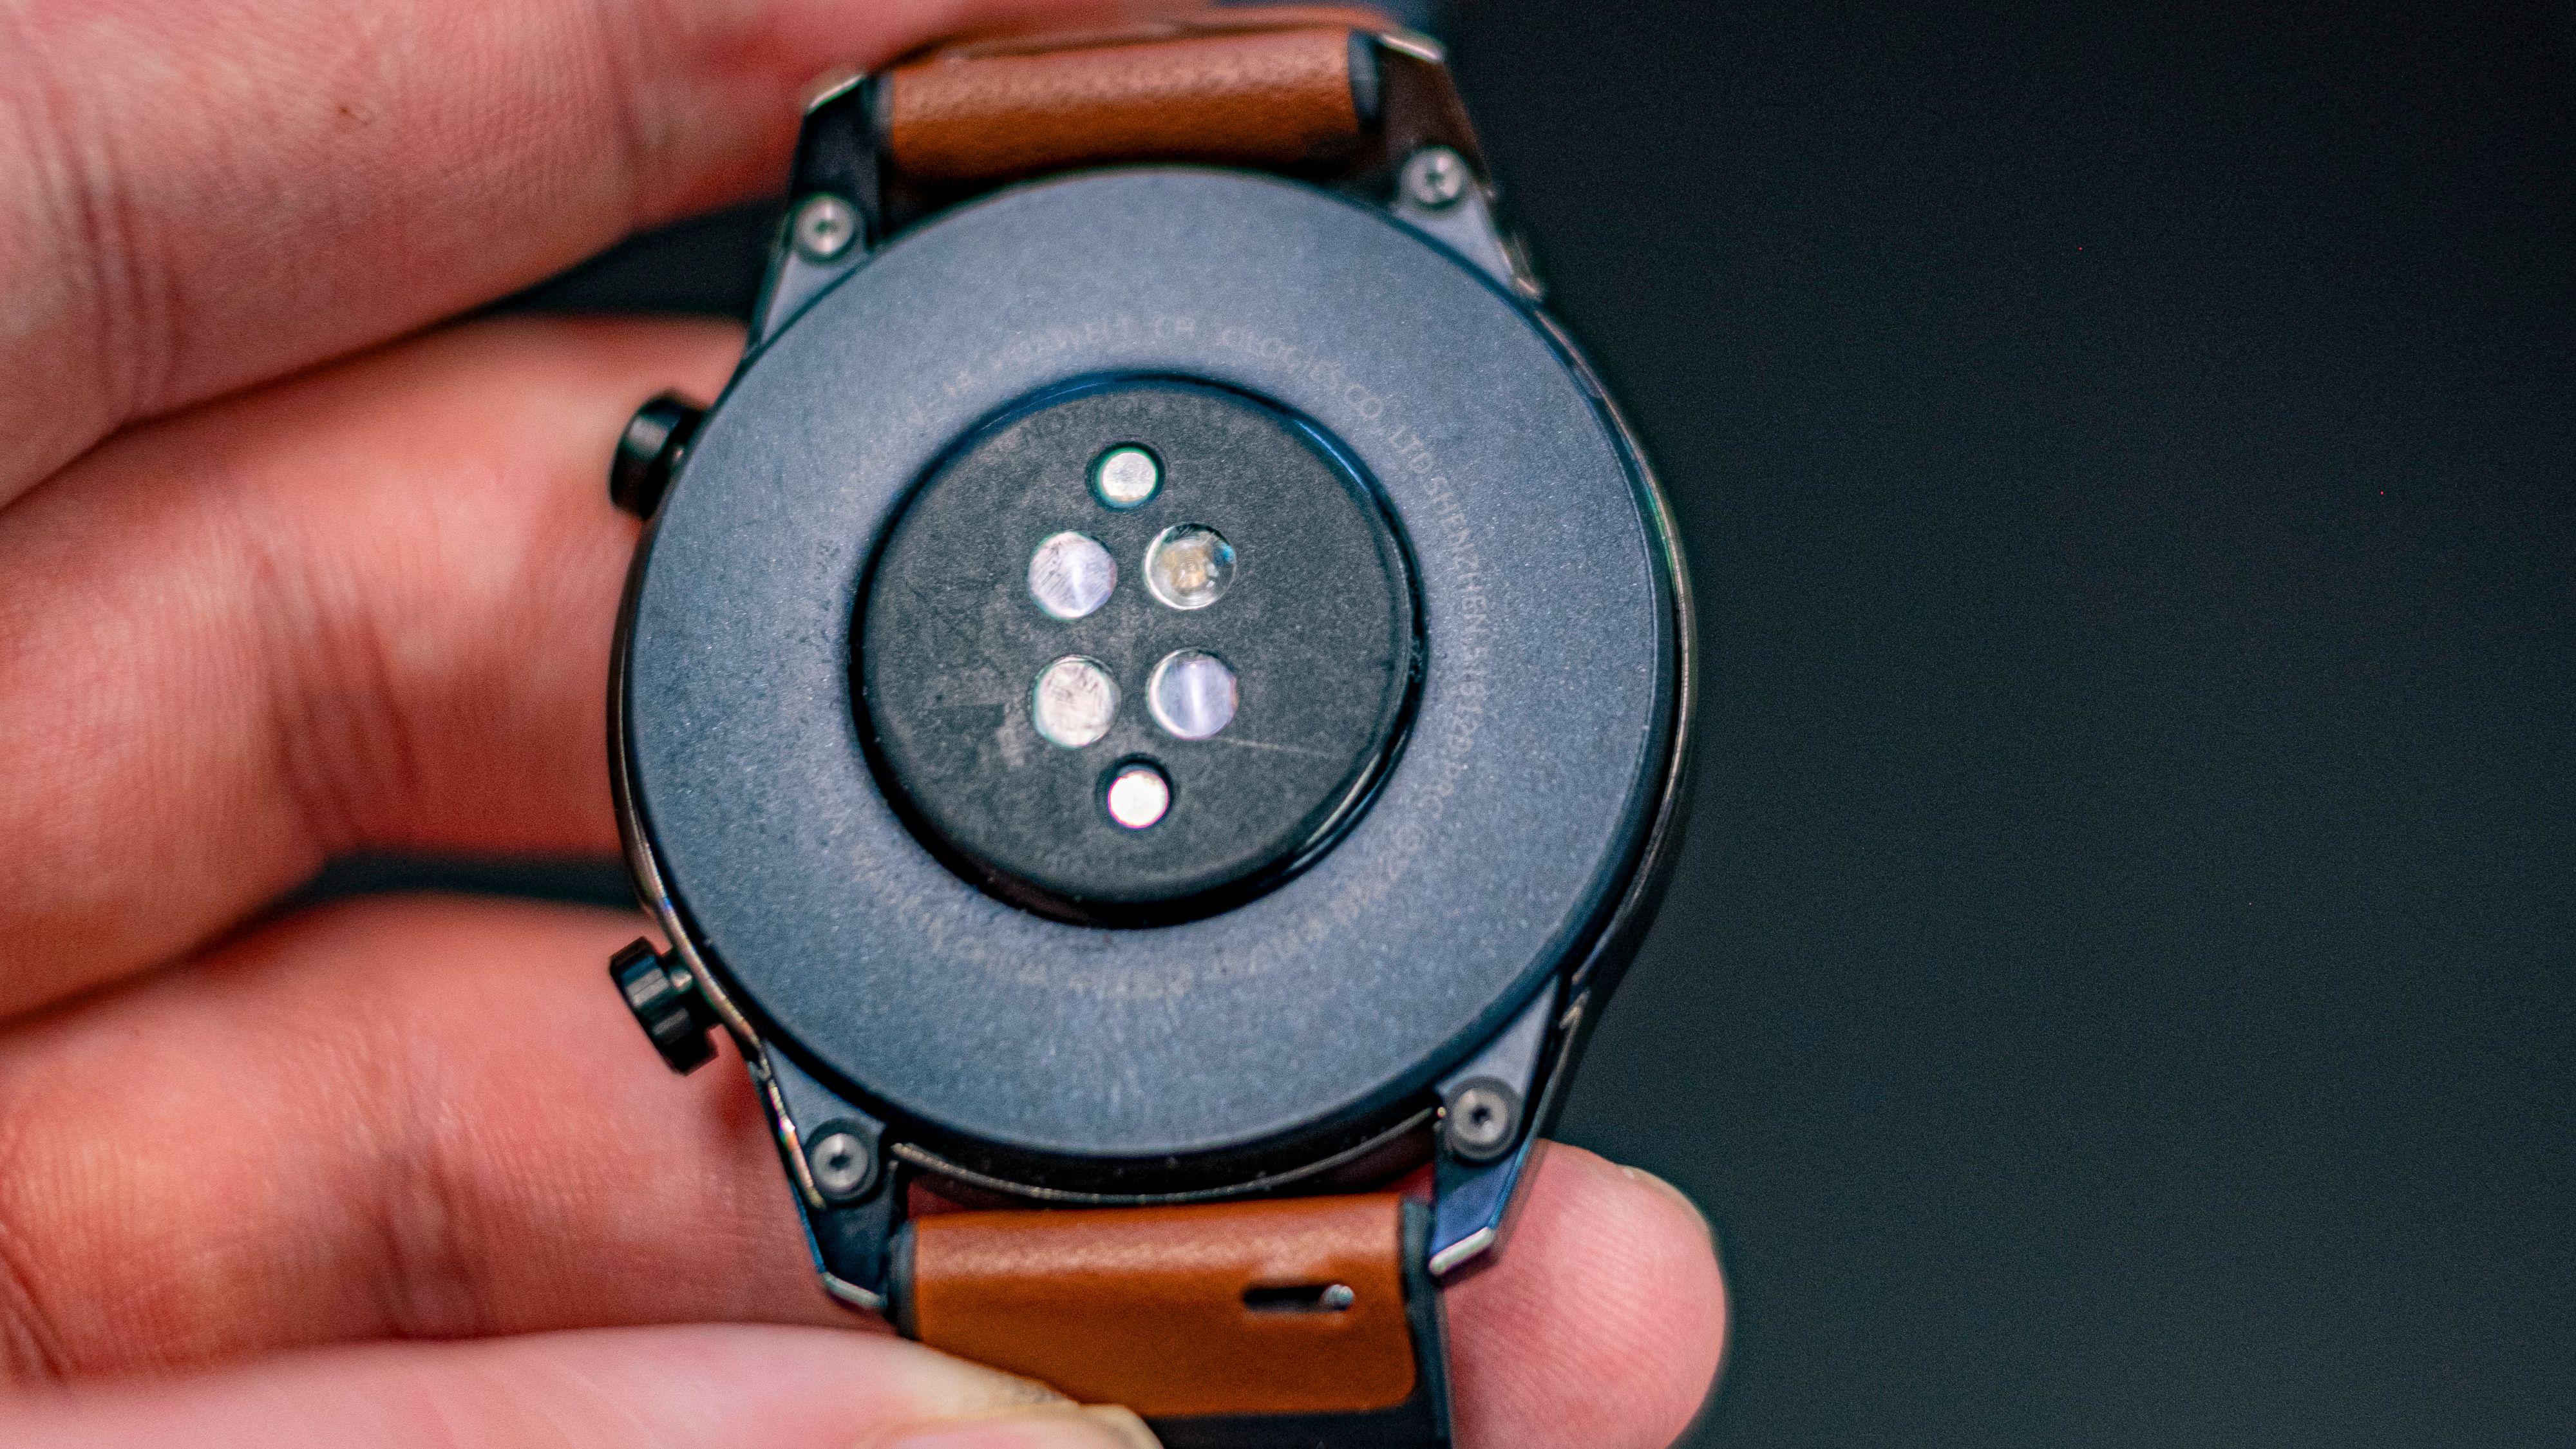 Pulsmåleren er ny og måler både puls under vann og stressfaktoren til brukeren. Selv med kontinuerlig puls- og stressmåling kan klokken ha et par ukers batteritid.